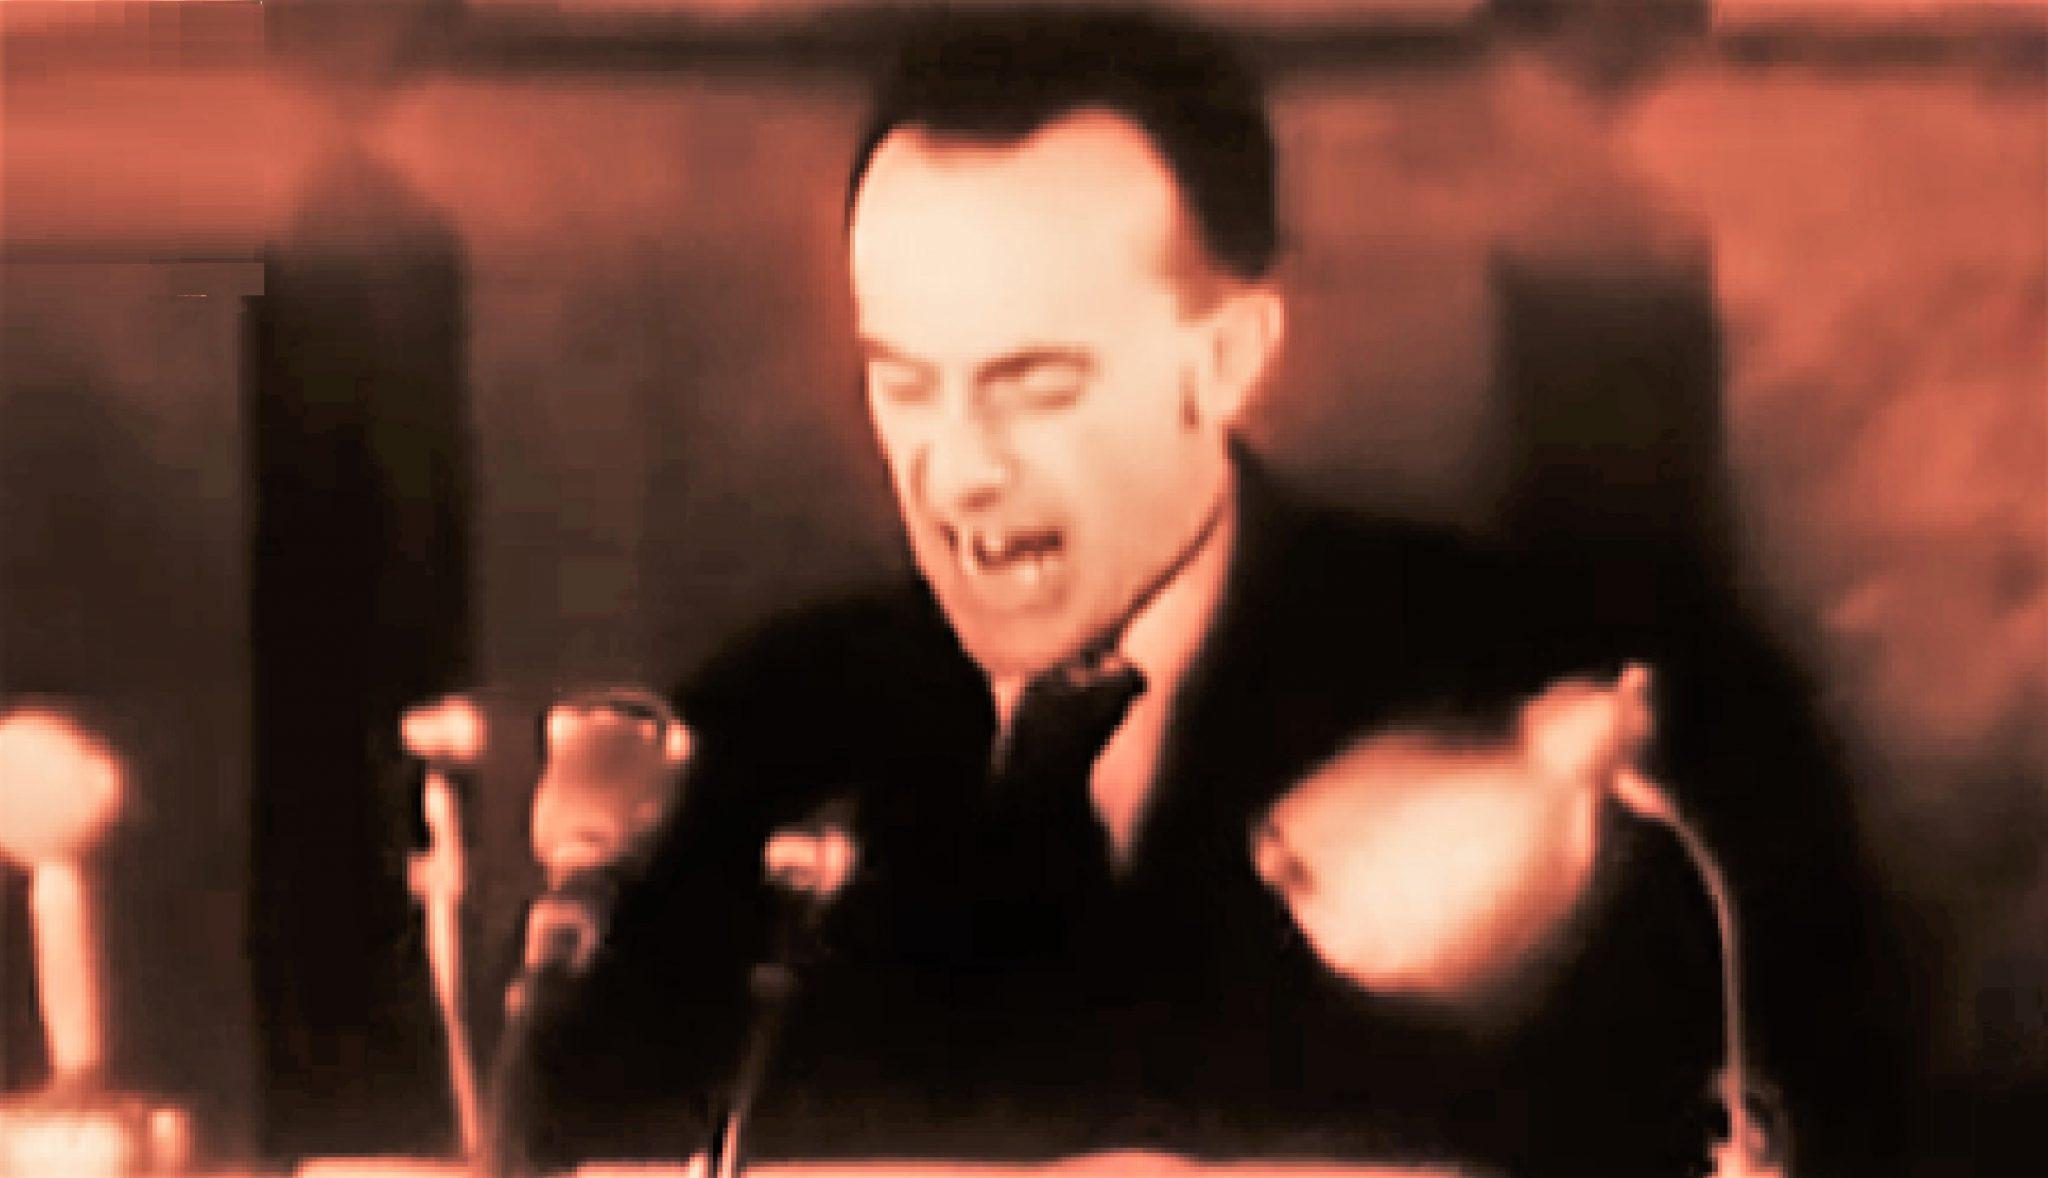 Smtící agresivita v akci. Komunistický vrah a prokurátor Urválek při svém proslulém projevu. (youtube)